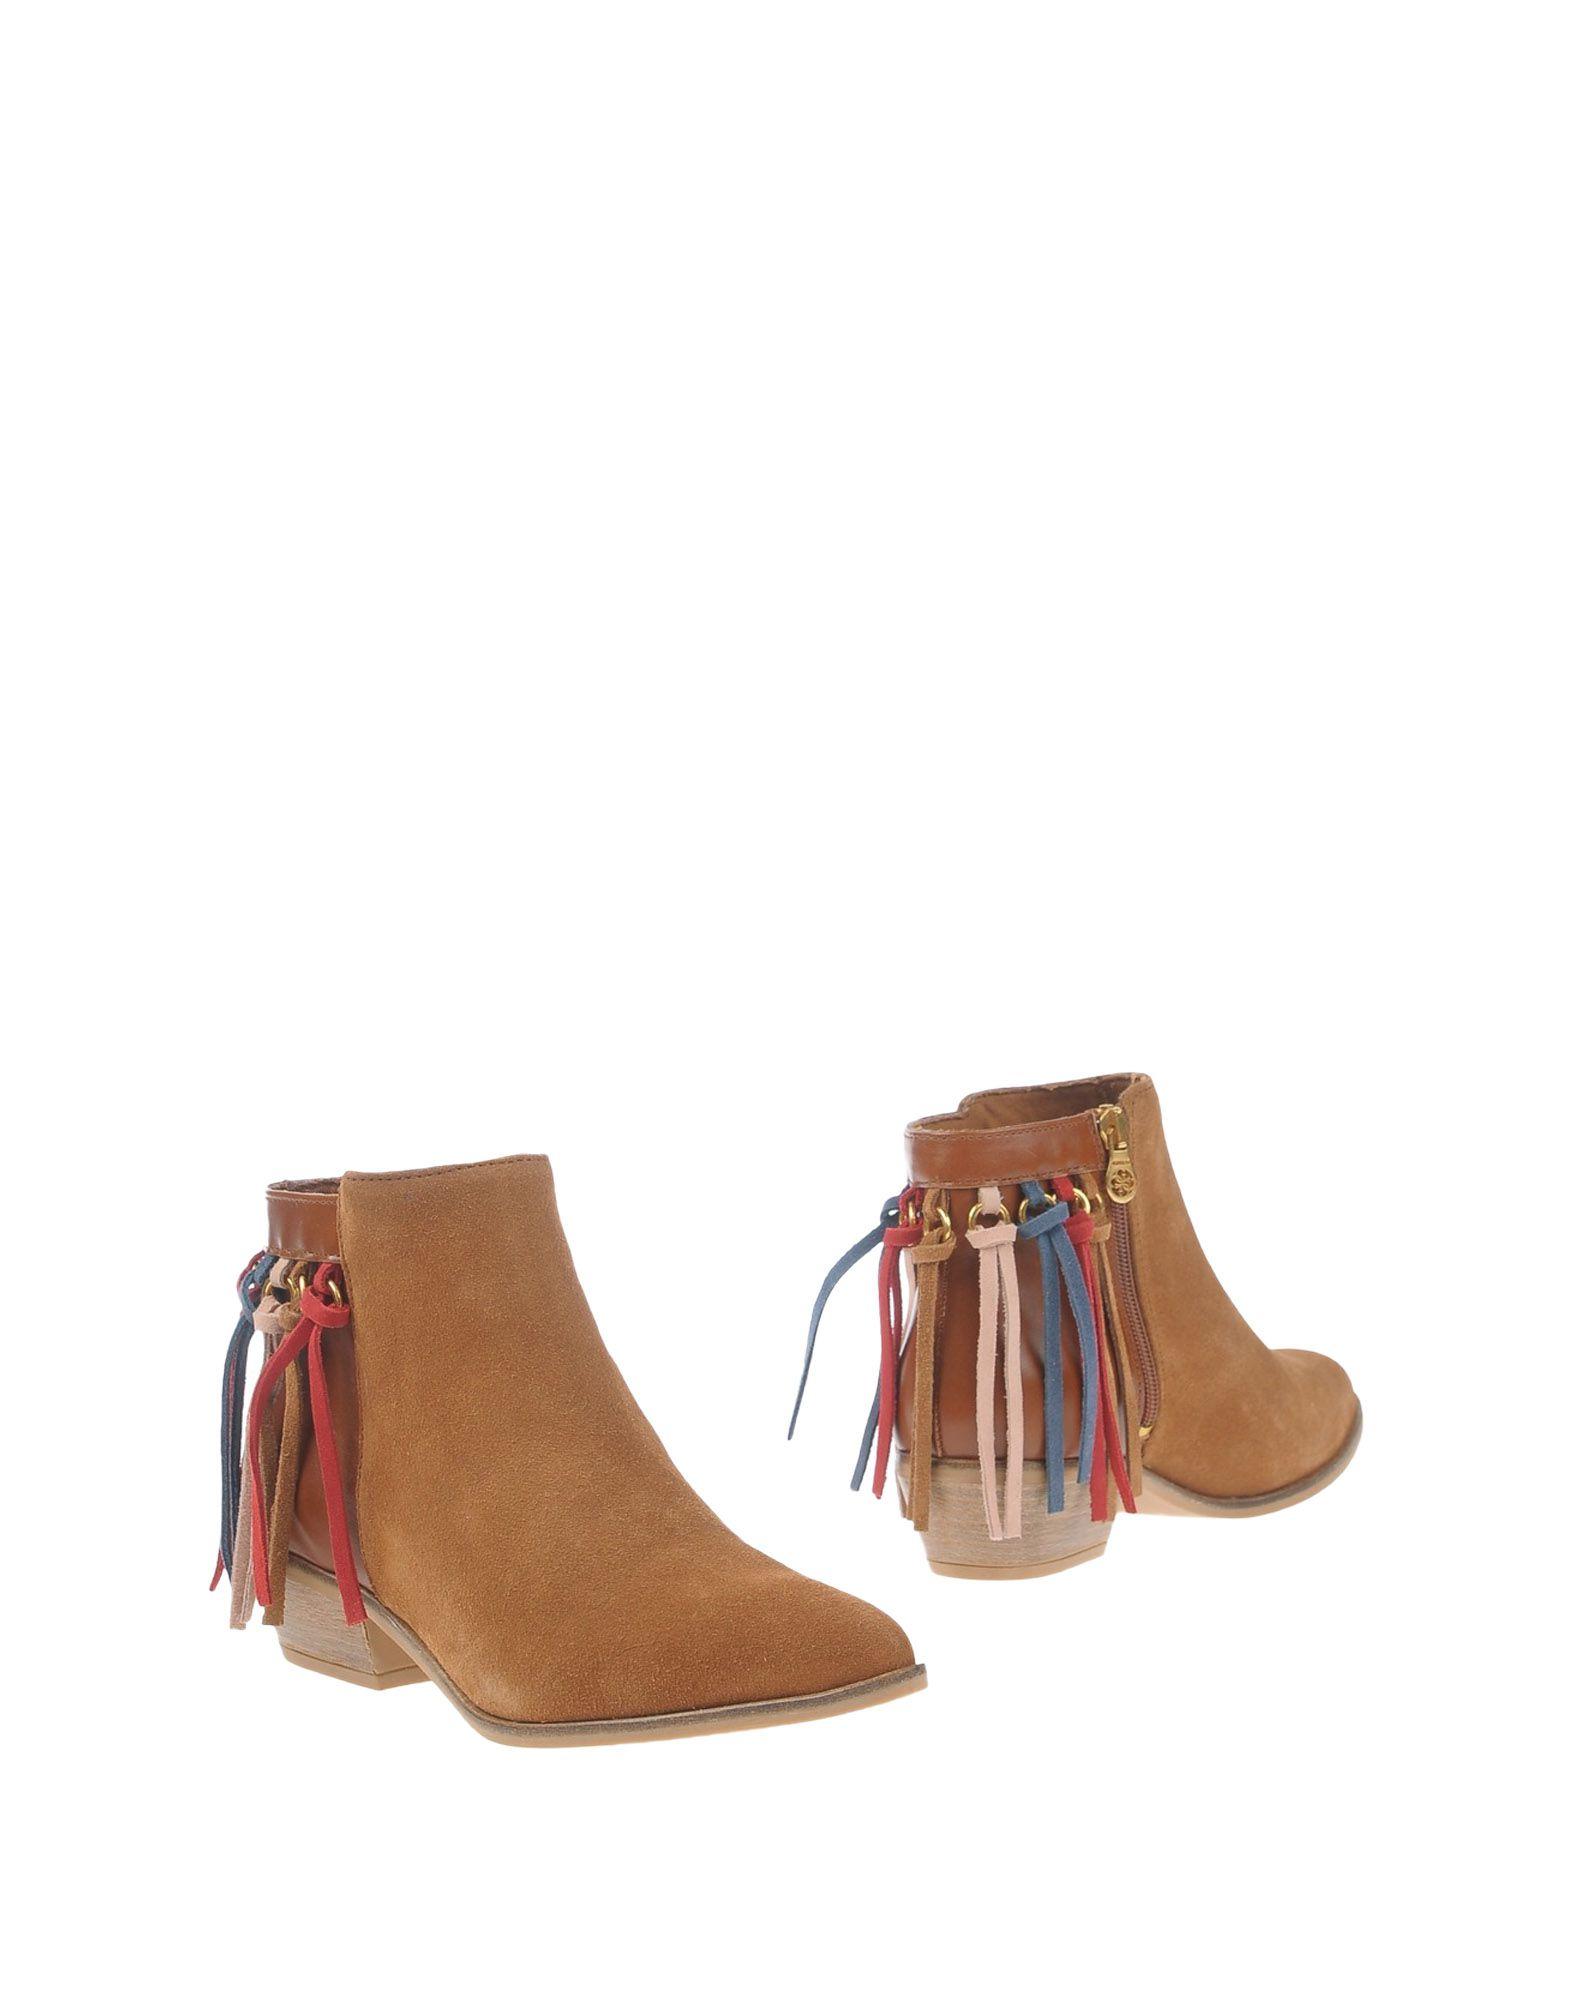 Guess Stiefelette Damen  11300794XP Gute Qualität beliebte Schuhe